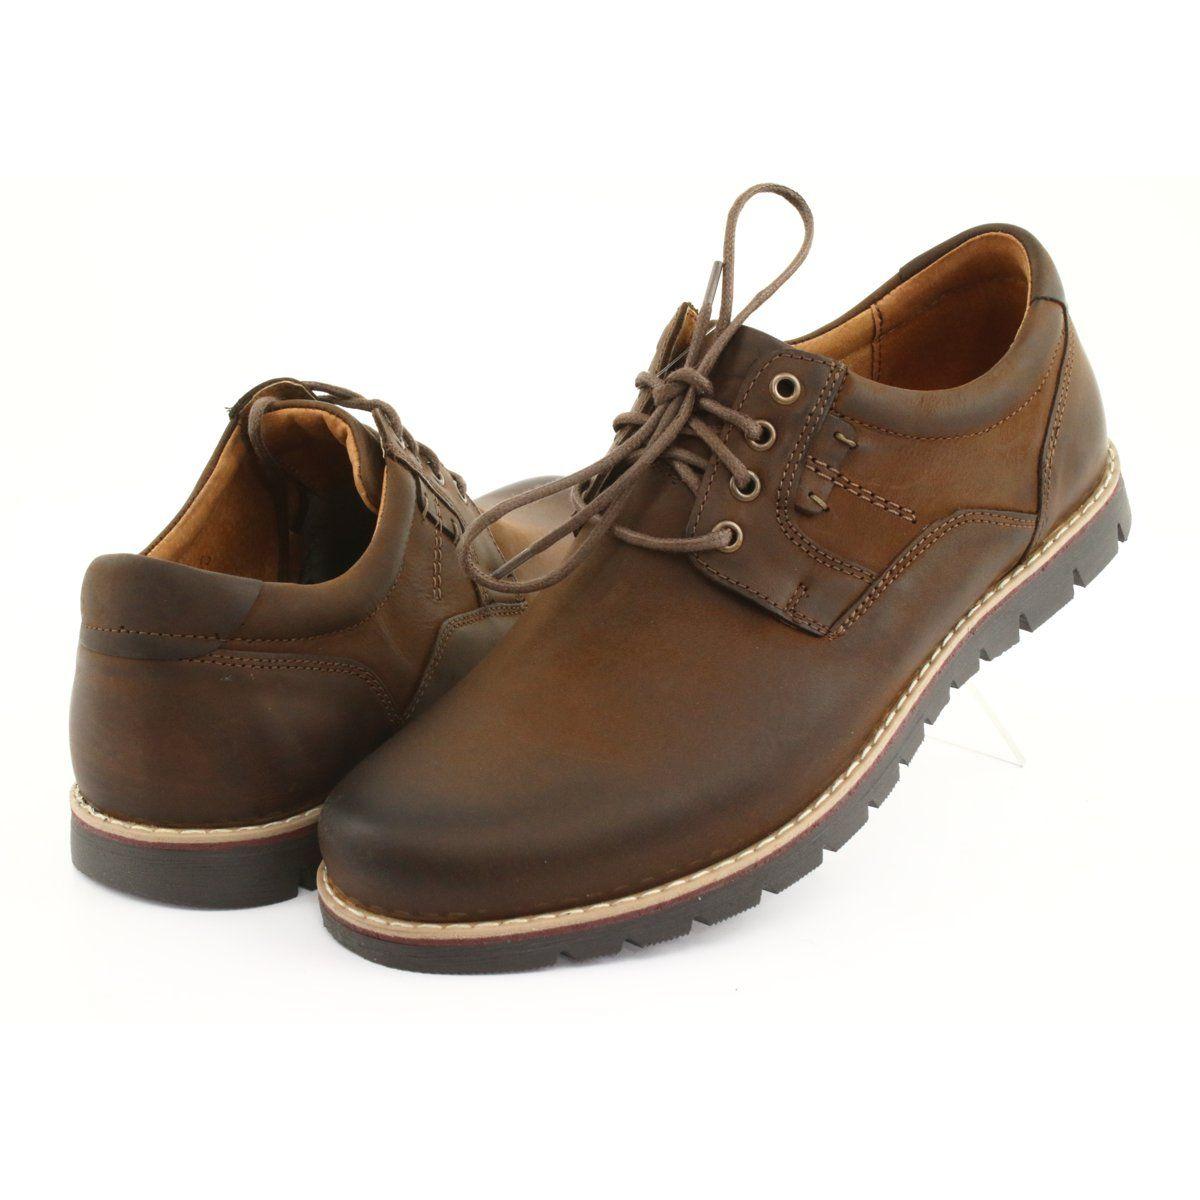 Polbuty Meskie Riko Polbuty Sznurowane Riko 761 Brazowe Shoes Dress Shoes Men Shoes Mens